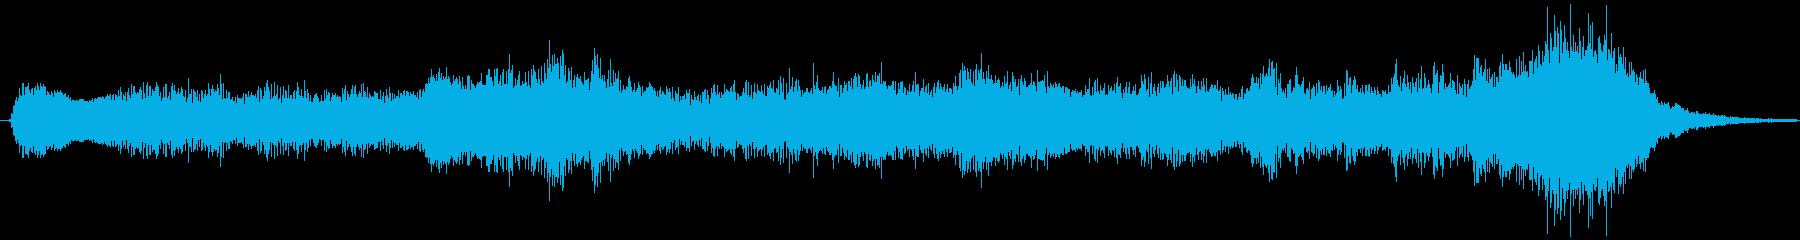 シリアスな場面を盛り上げるオーケストラの再生済みの波形